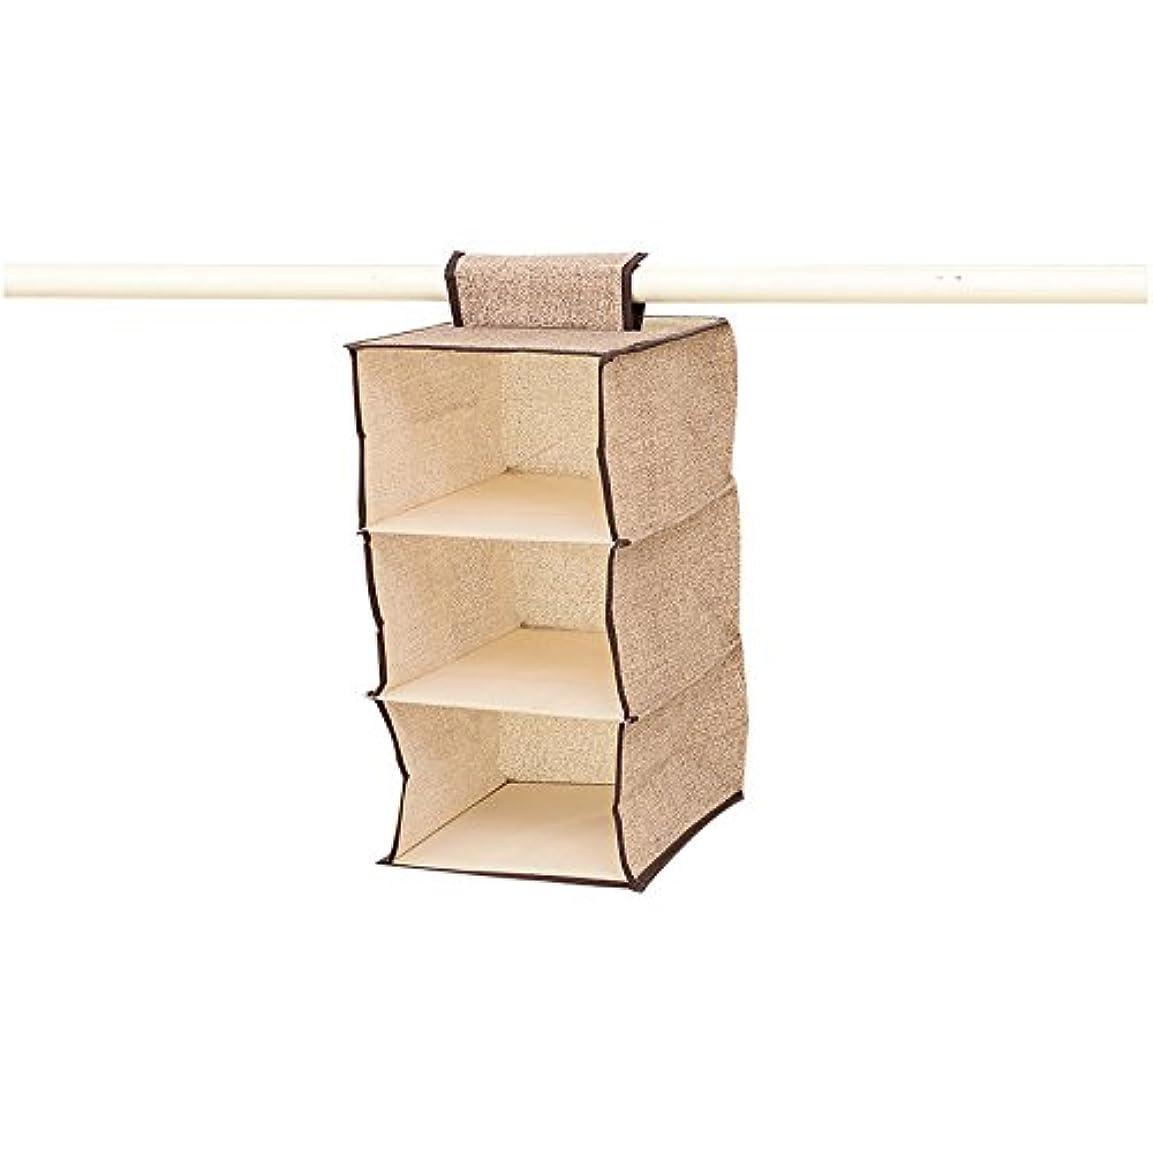 型航空便兄DimiDay 伸びる吊り下げ収納ラック (三層)